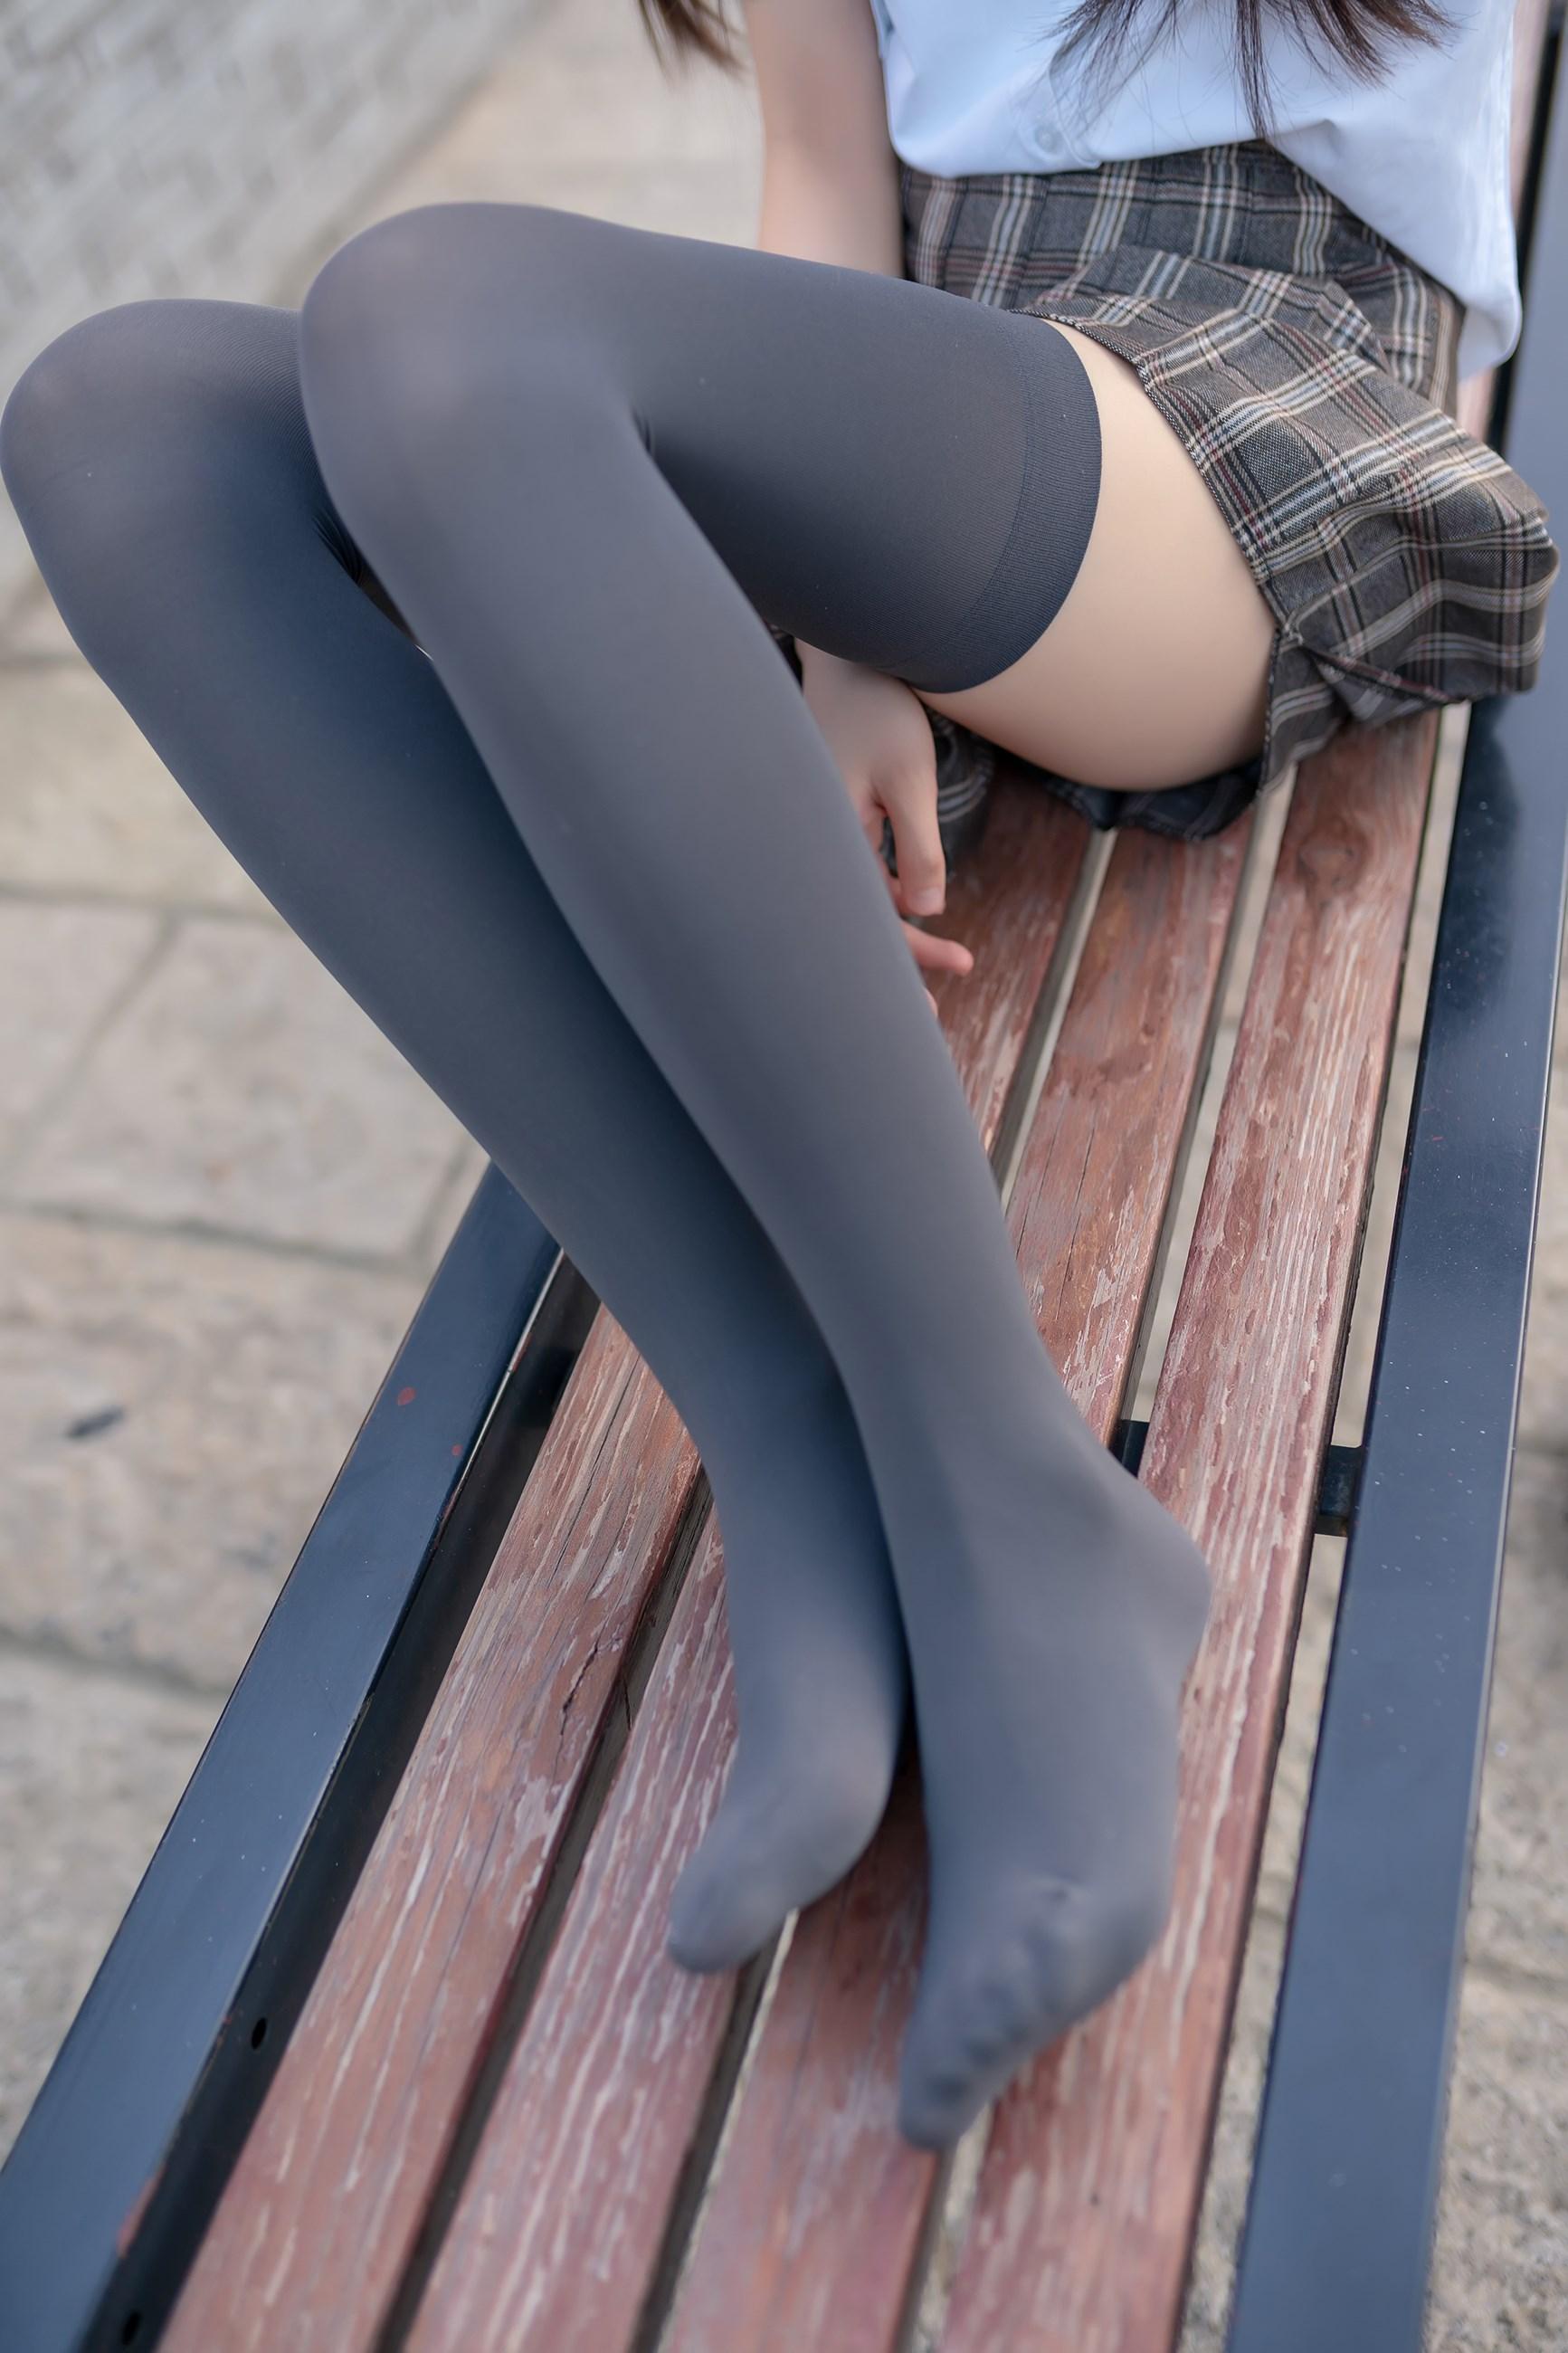 【兔玩映画】这个腿也太棒了吧! 兔玩映画 第2张